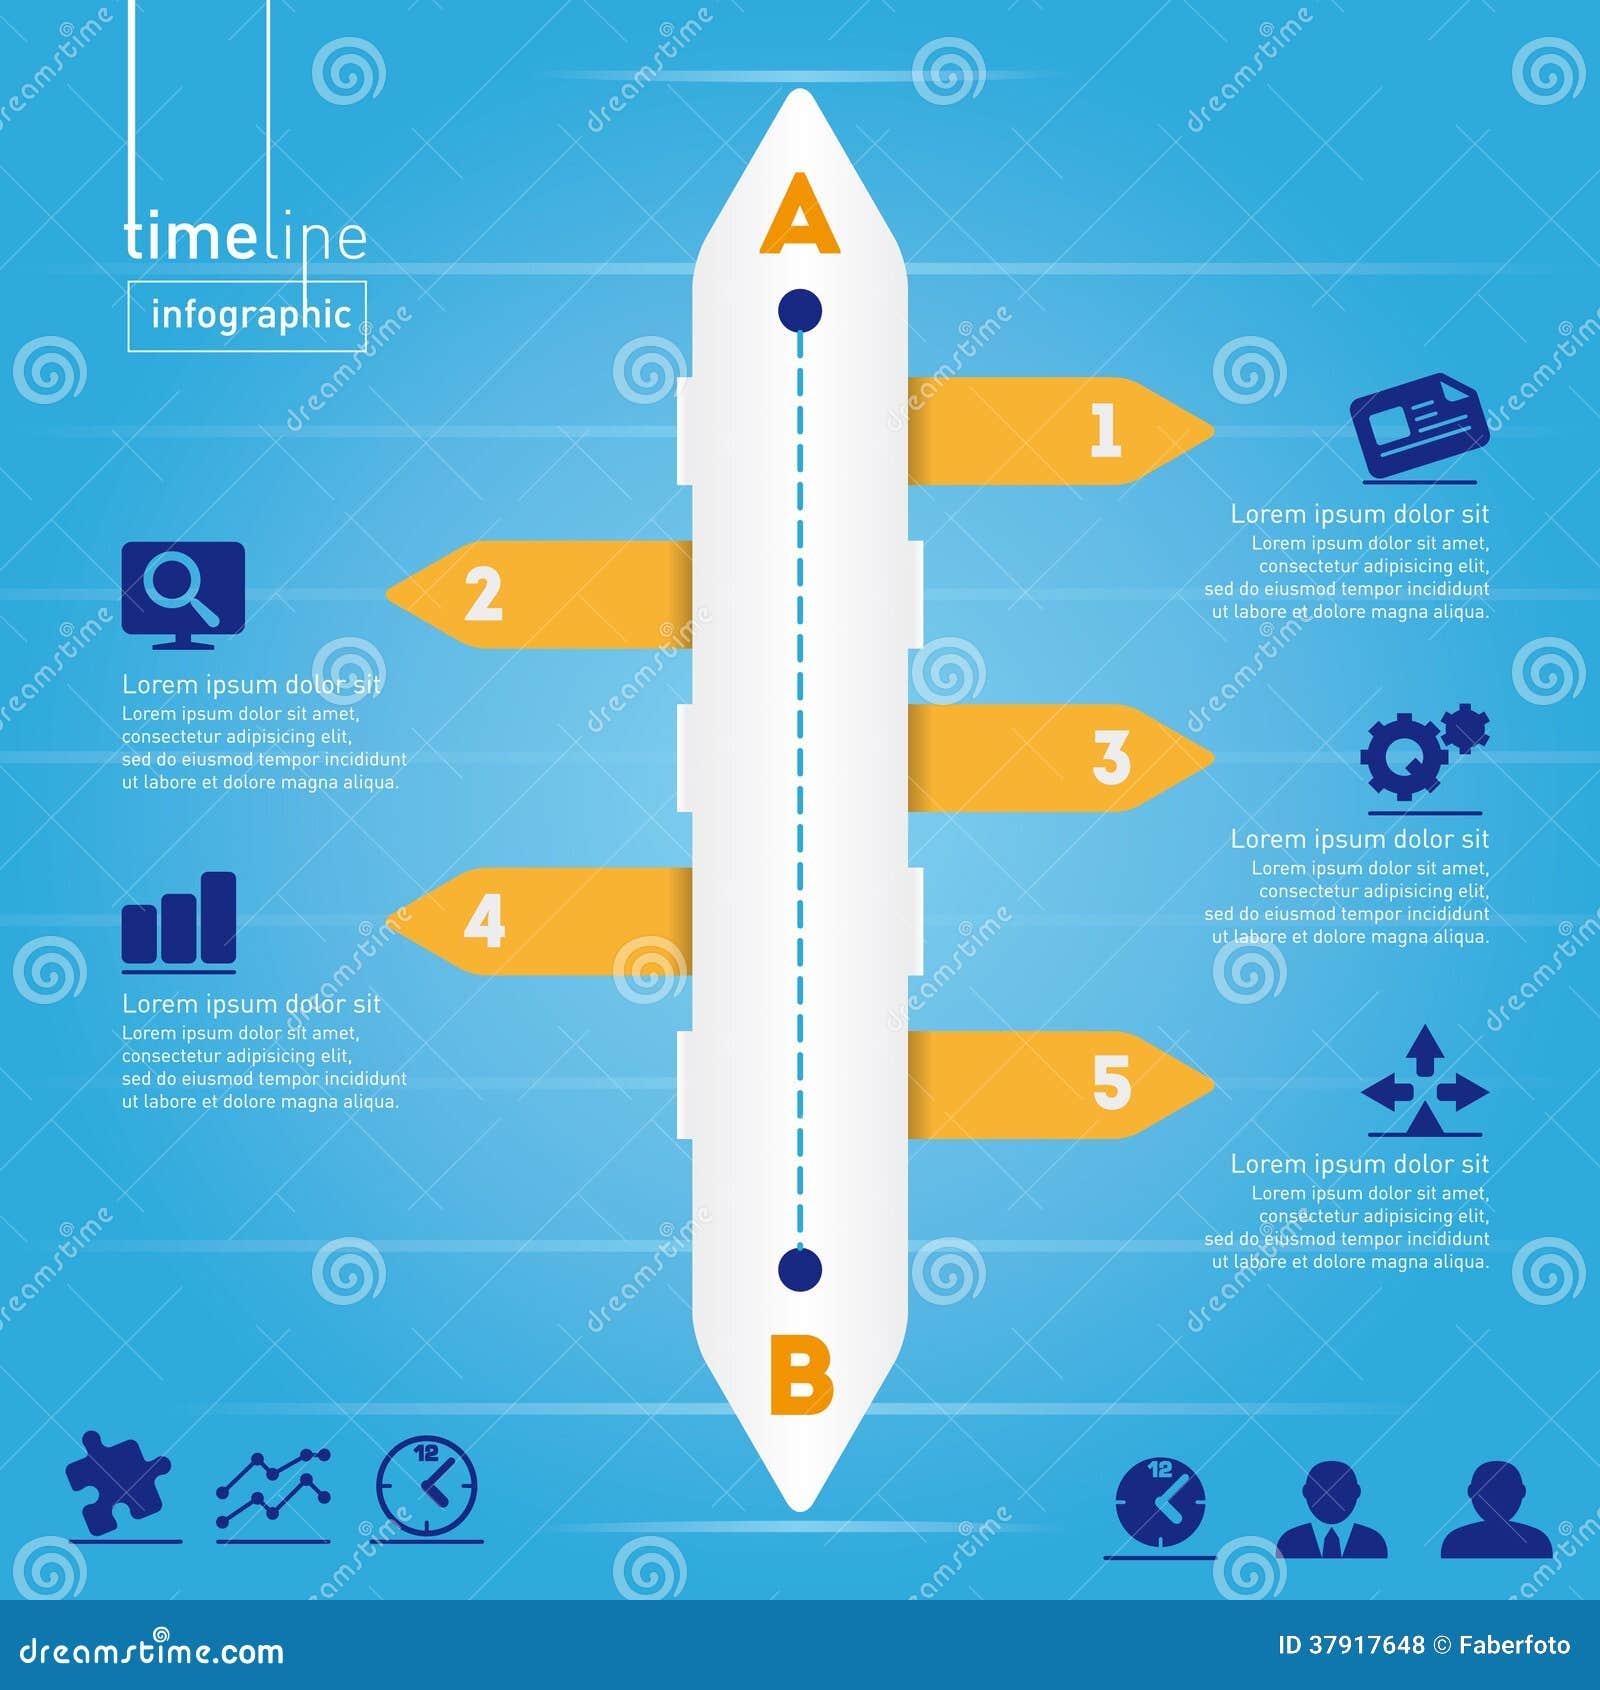 Affär Infographic: Timelinestil, med origina